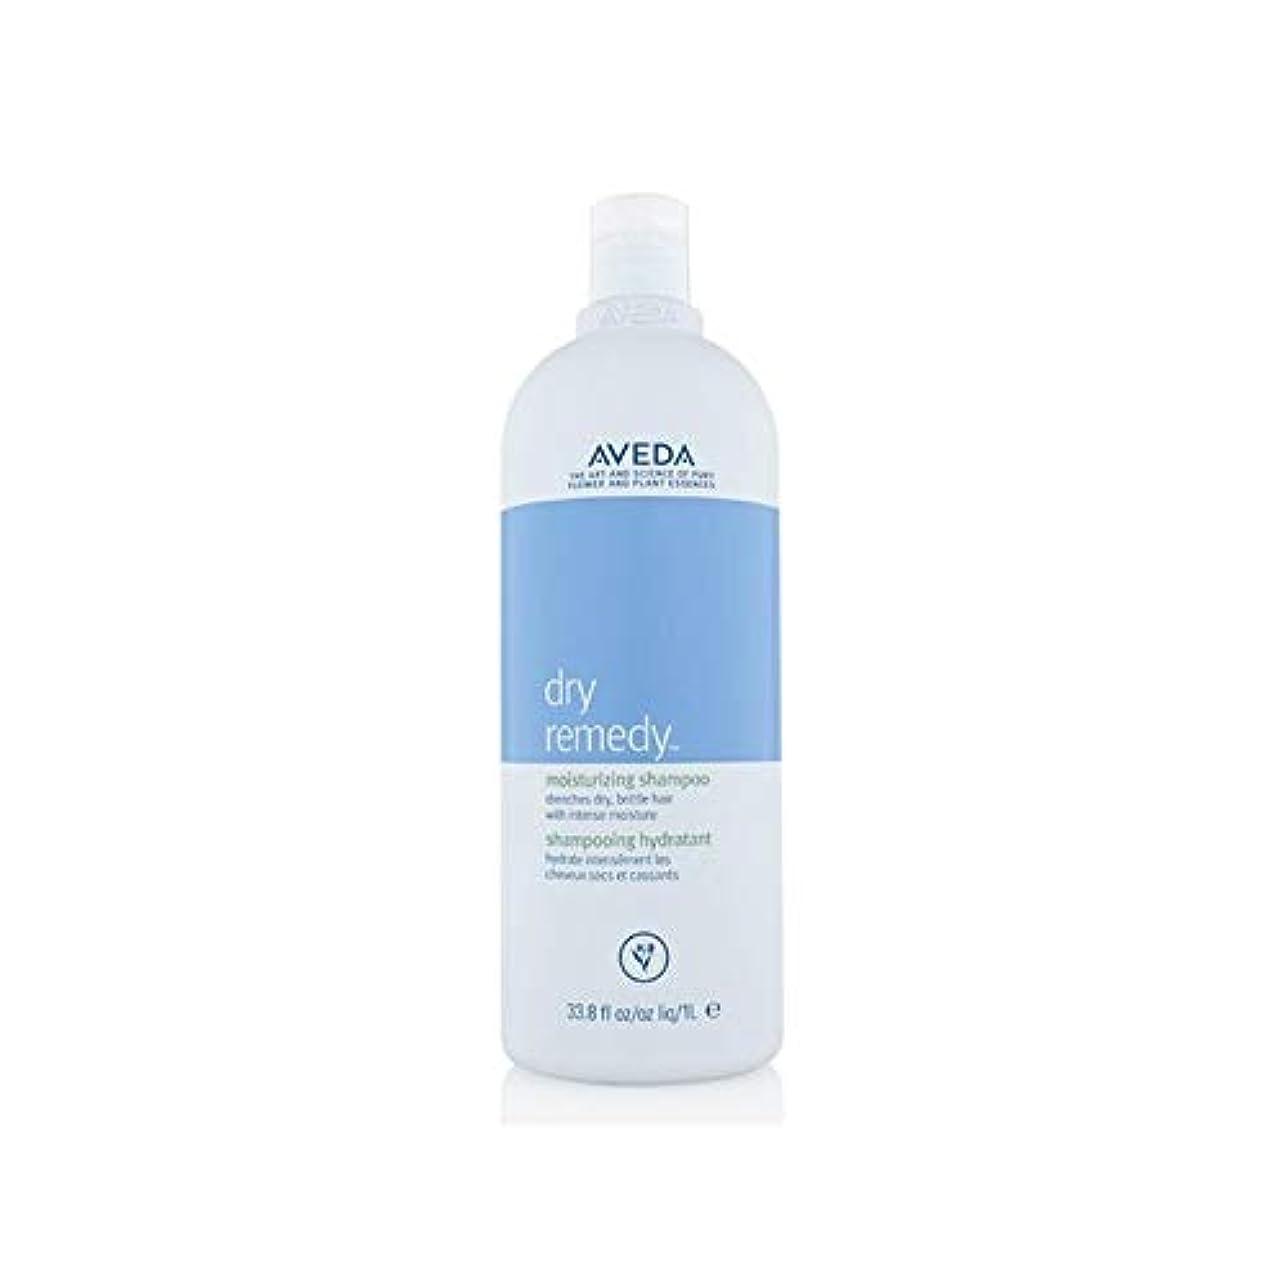 富豪移植魔術師[AVEDA ] アヴェダドライ救済シャンプー(千ミリリットル) - Aveda Dry Remedy Shampoo (1000ml) [並行輸入品]